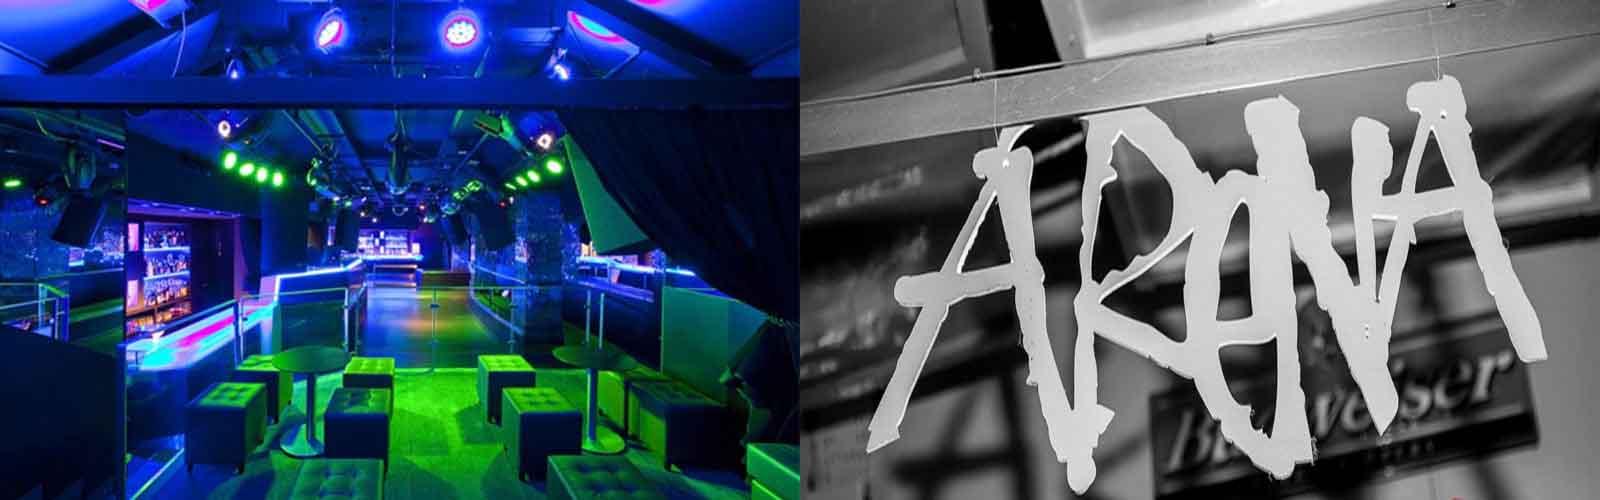 Verwacht een gekke avond uit in hartje Barcelona bij Nachtclub Sala Madre